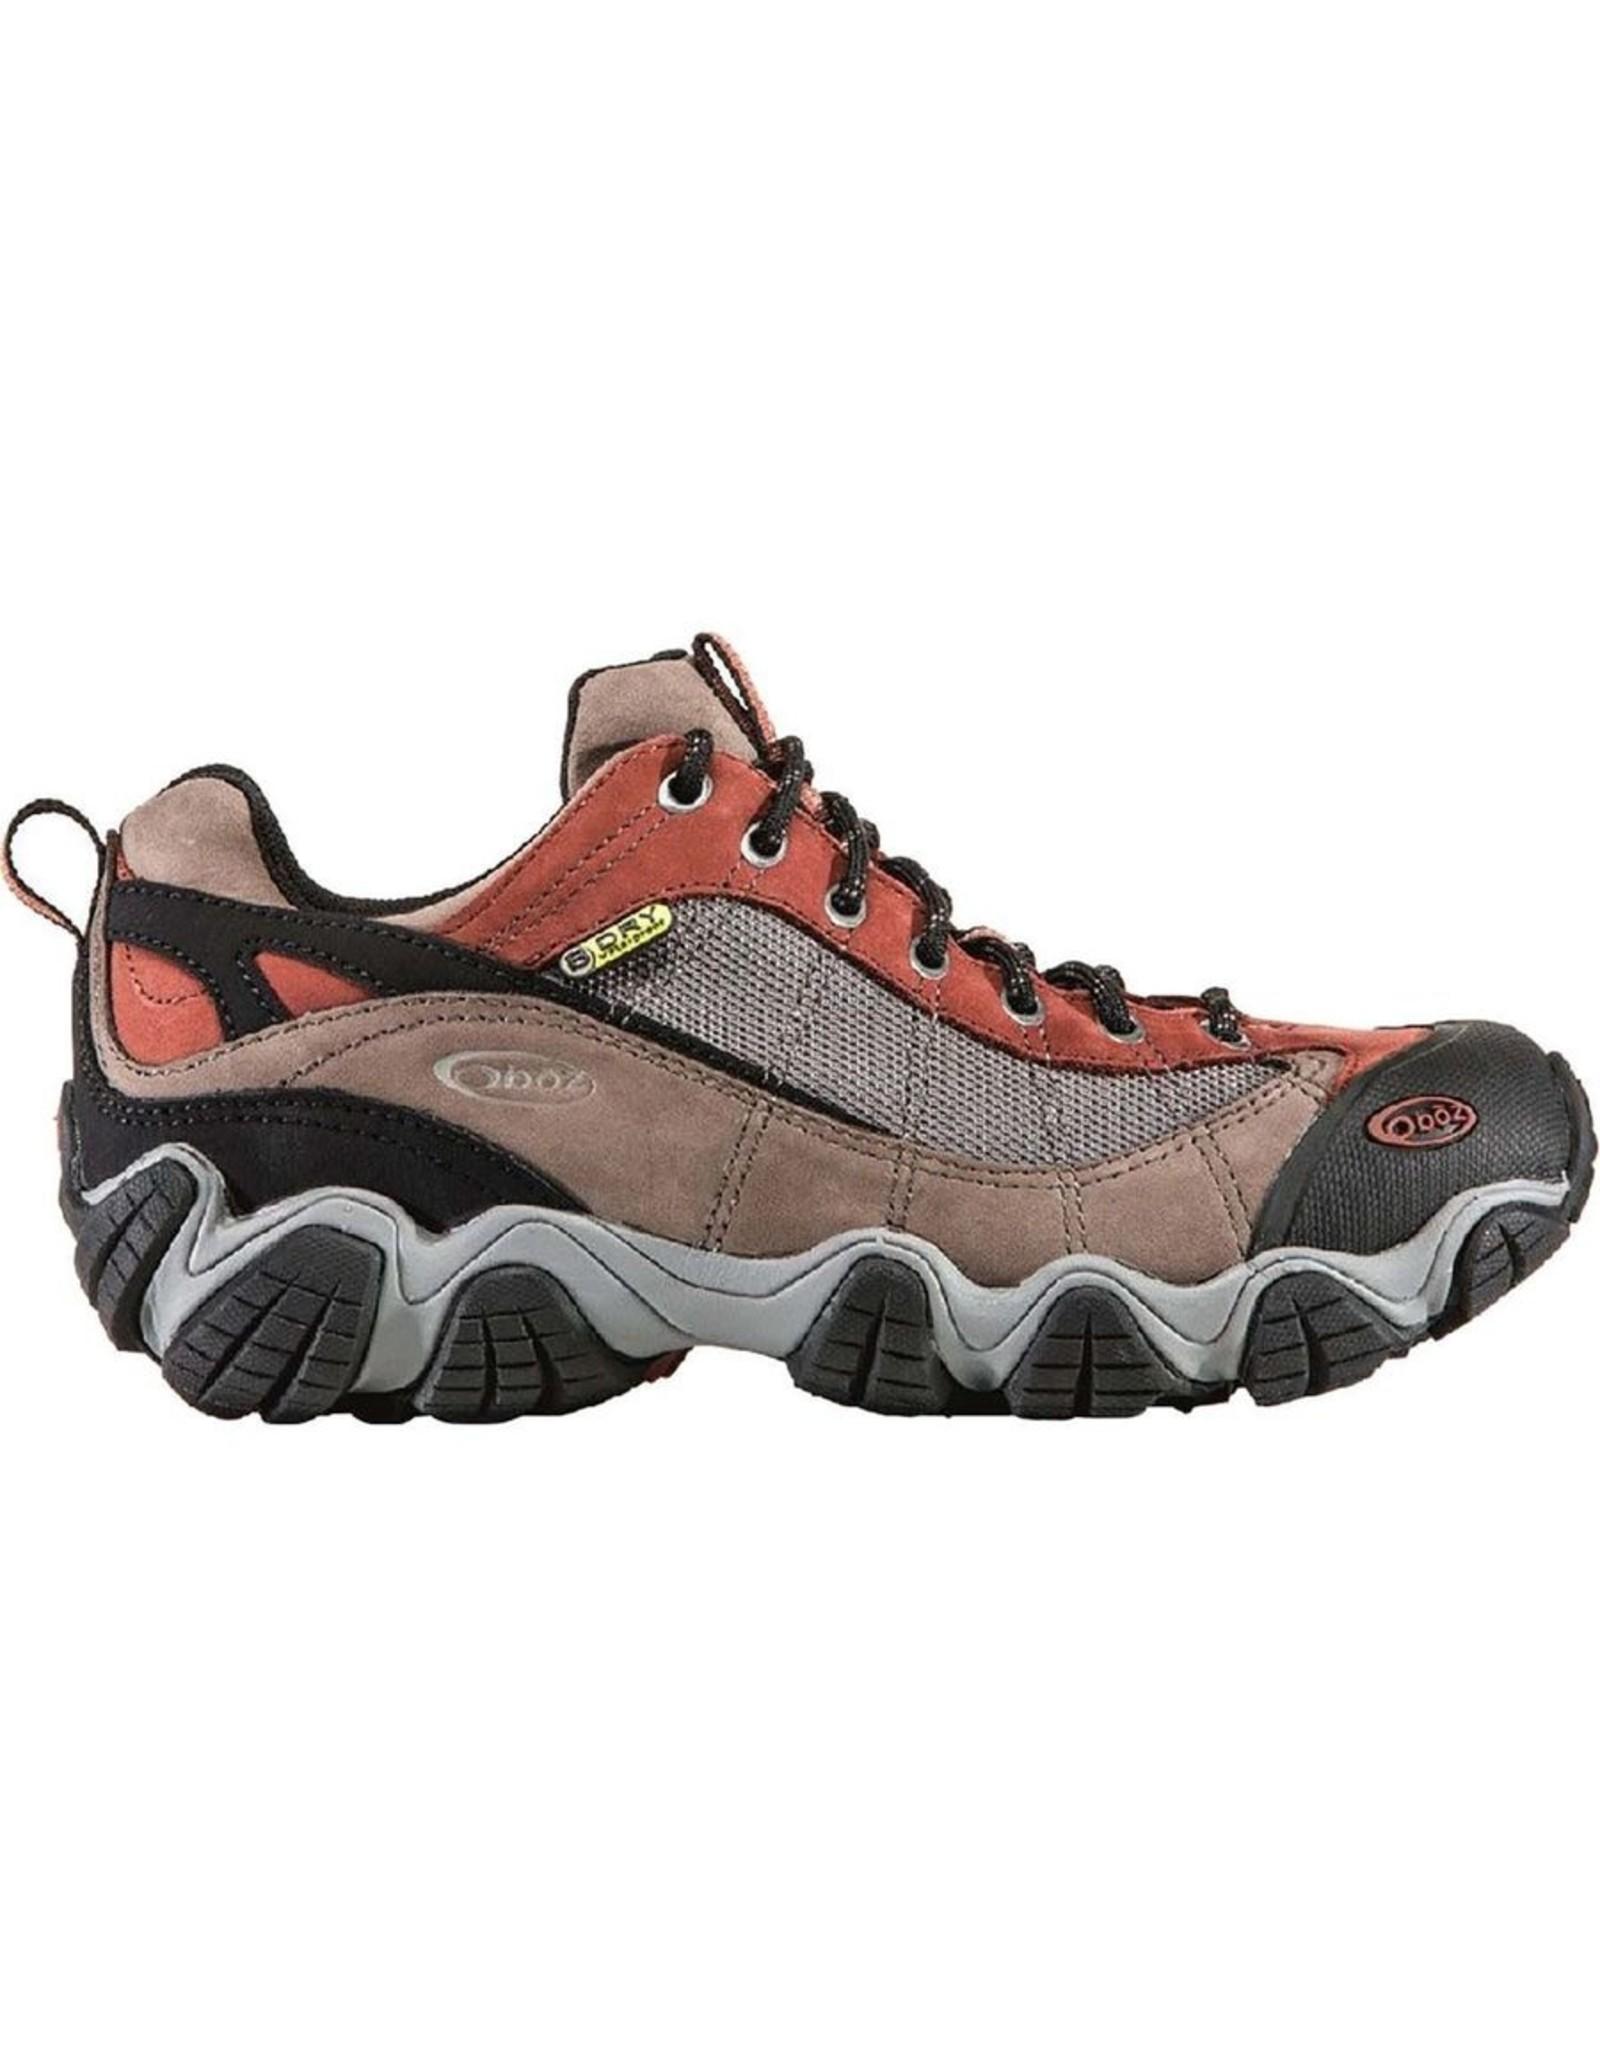 Oboz Men's Firebrand II Low BDry Shoe, Earth, 9